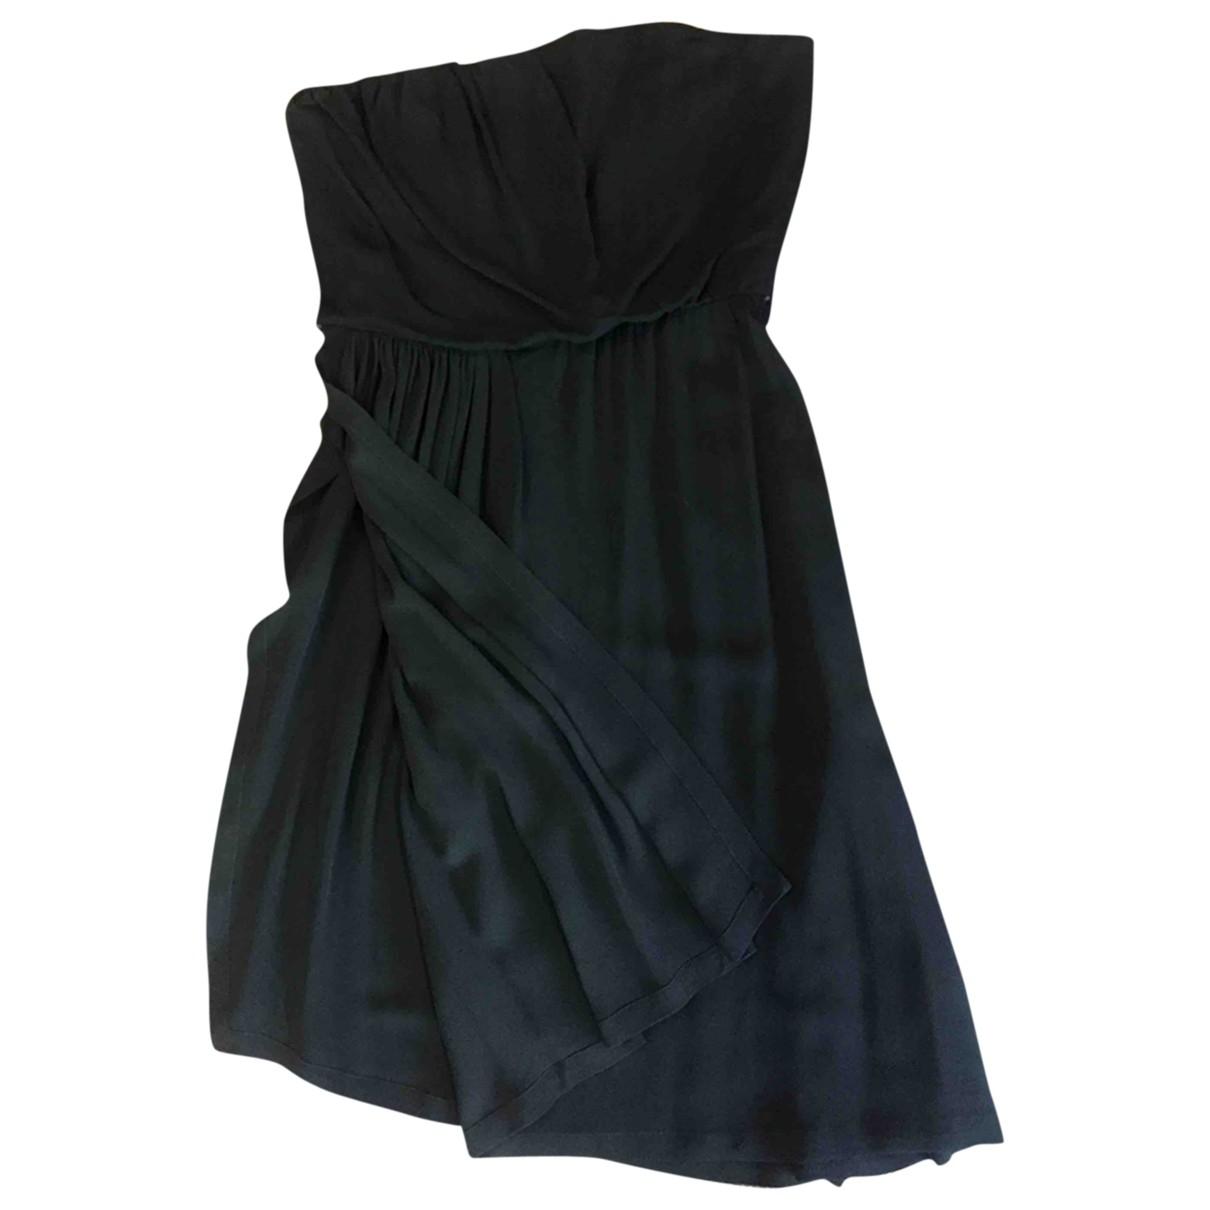 Yves Saint Laurent \N Black dress for Women 38 FR